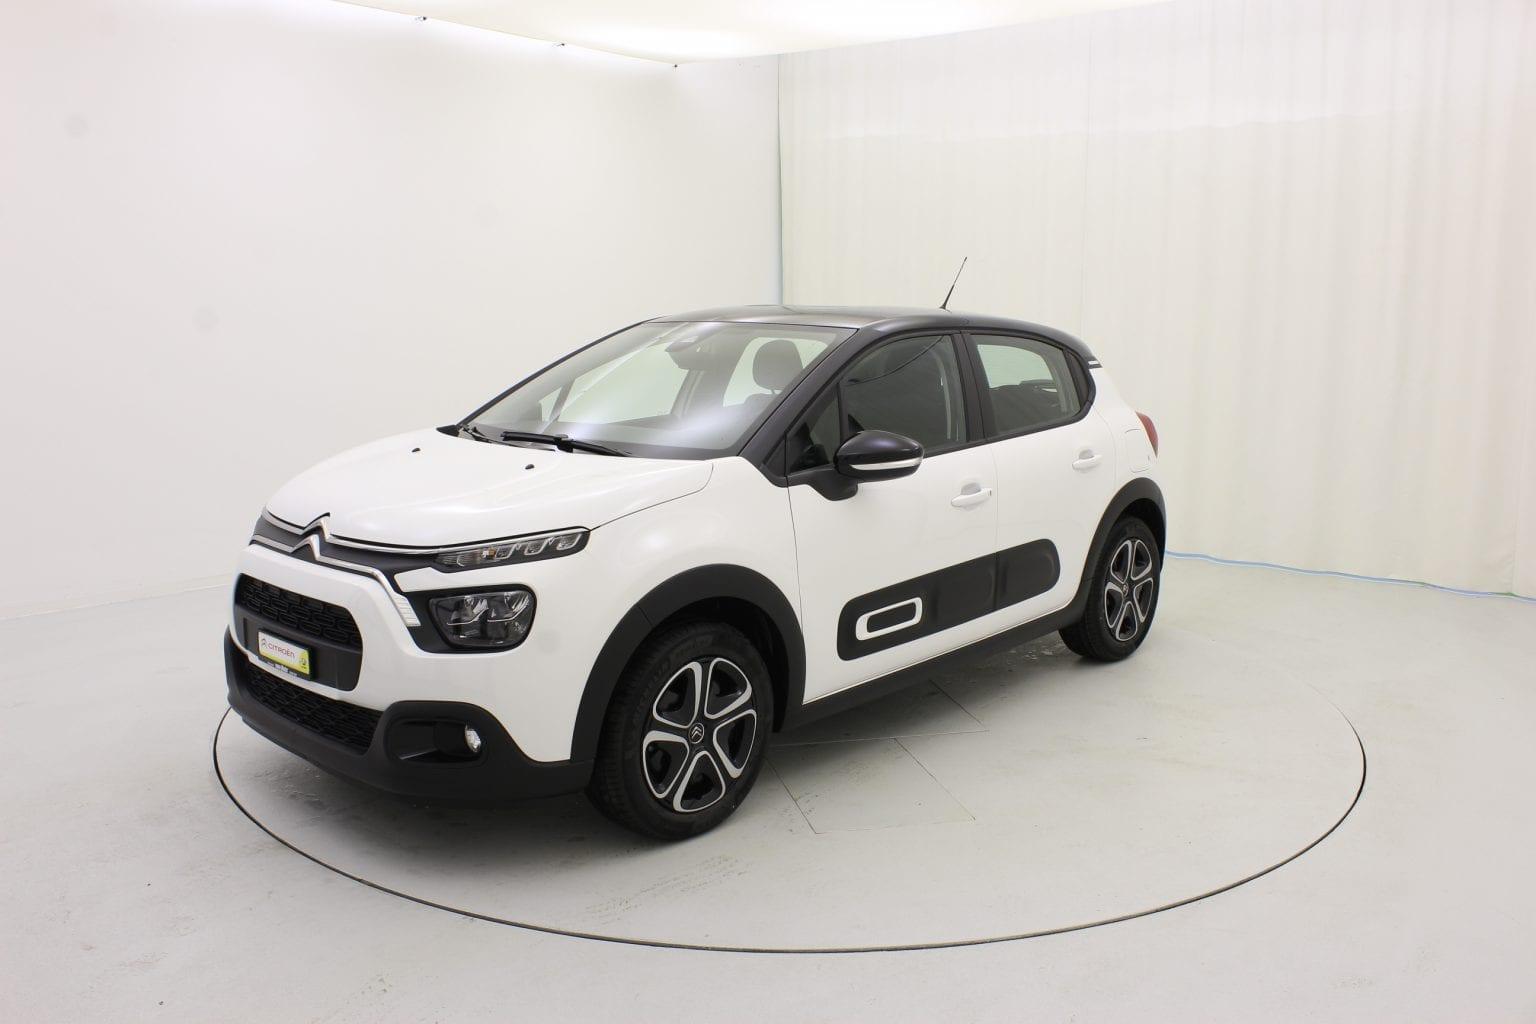 Der neue Citroën C3 – jetzt in der Auto Welt von Rotz AG erhältlich - Auto Welt von Rotz AG